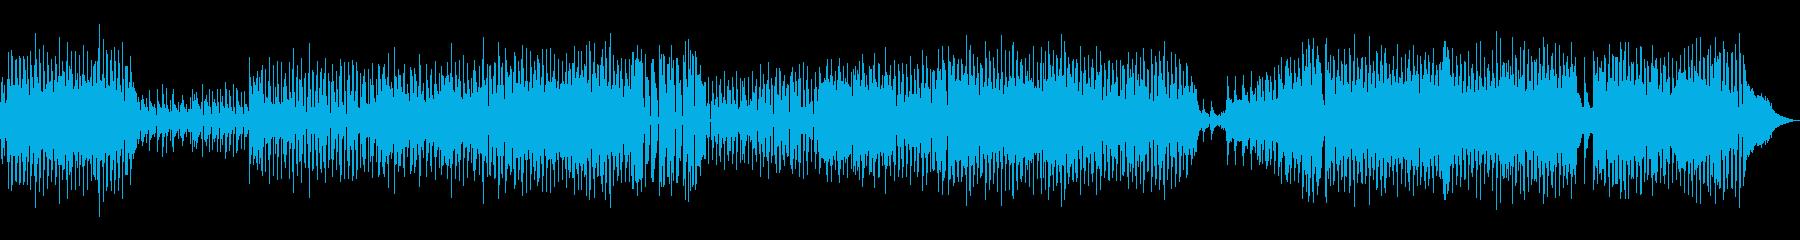 アコースティックバンド明るいポップBGMの再生済みの波形